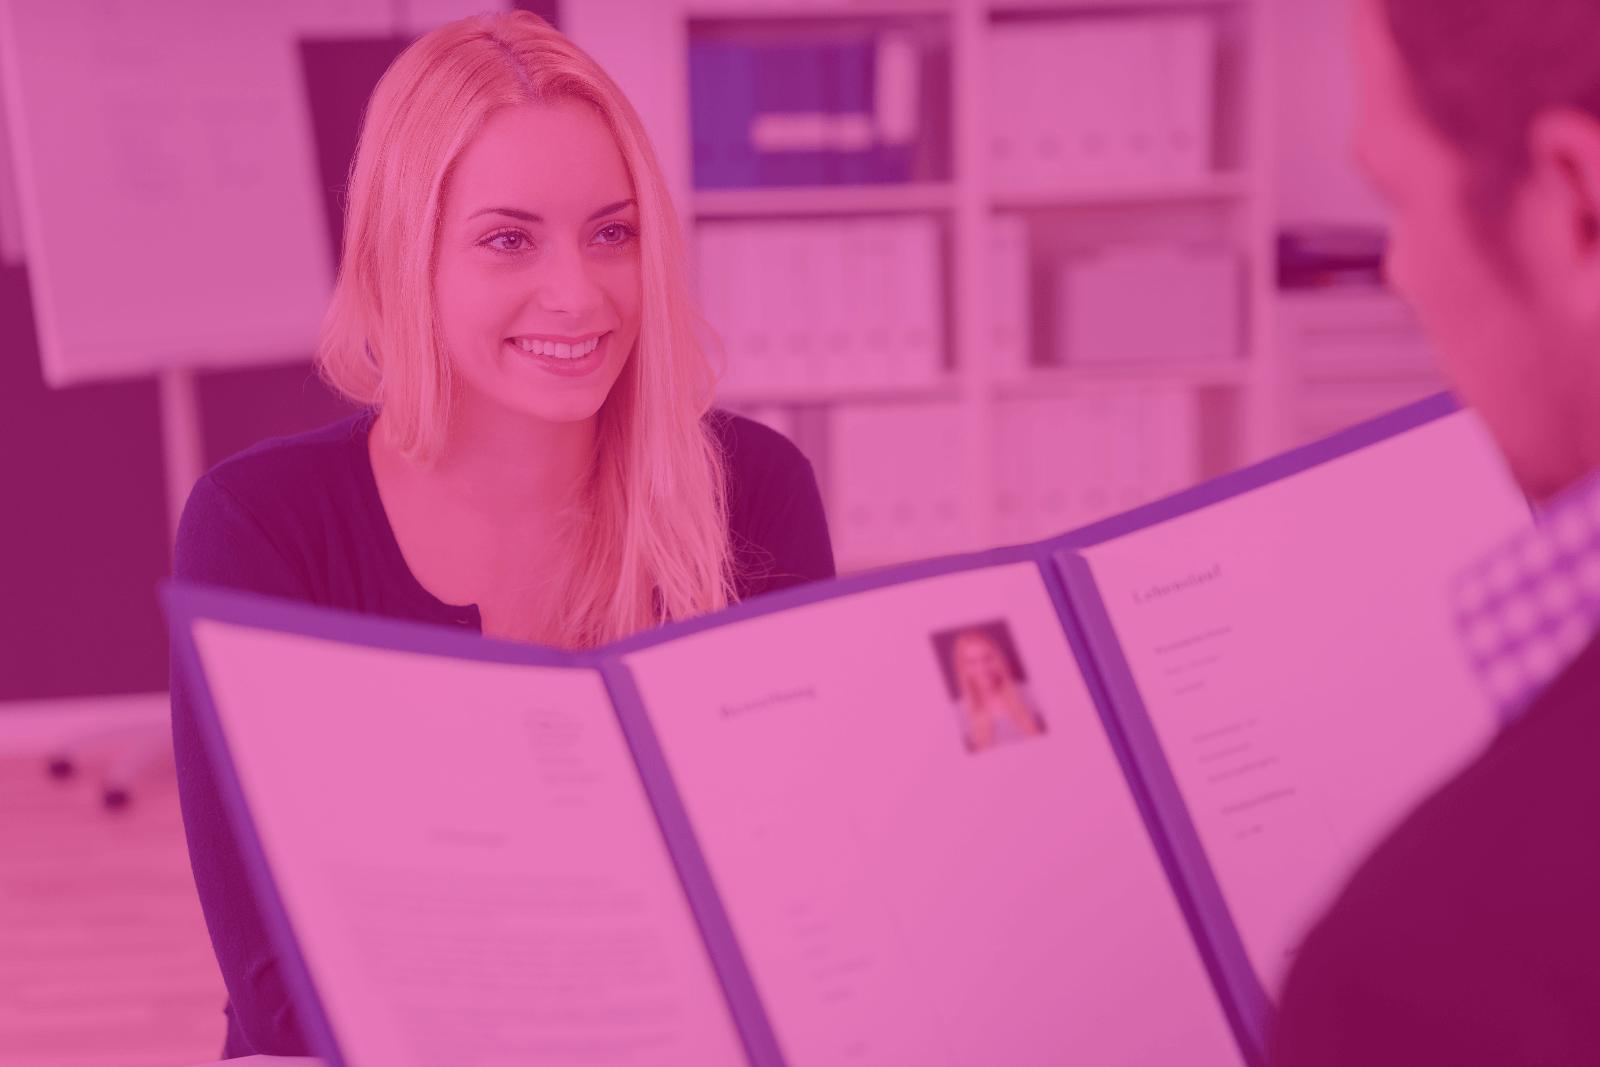 Eine junge Frau sitzt lächelnd jemandem in einem Bewerbungsgespräch gegenüber. Ihr gegenüber hält die Bewerbungsmappe aufgeschlagen vor sich.